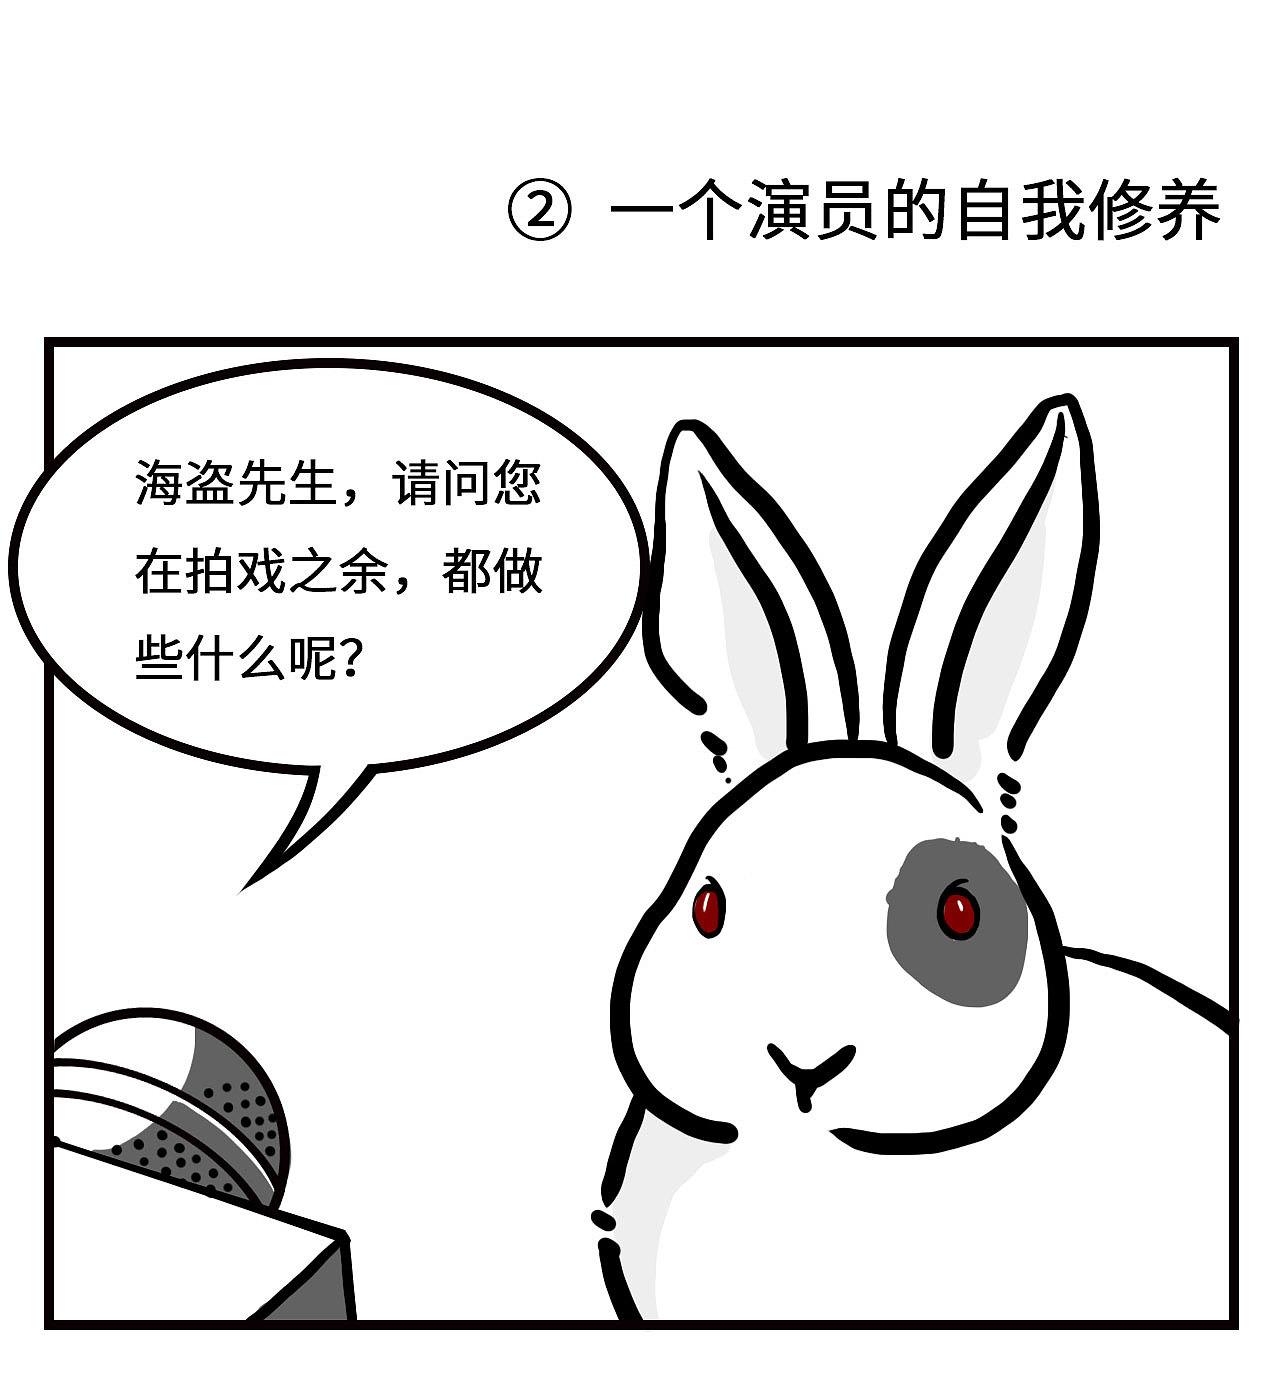 动漫 简笔画 卡通 漫画 手绘 头像 线稿 1280_1388